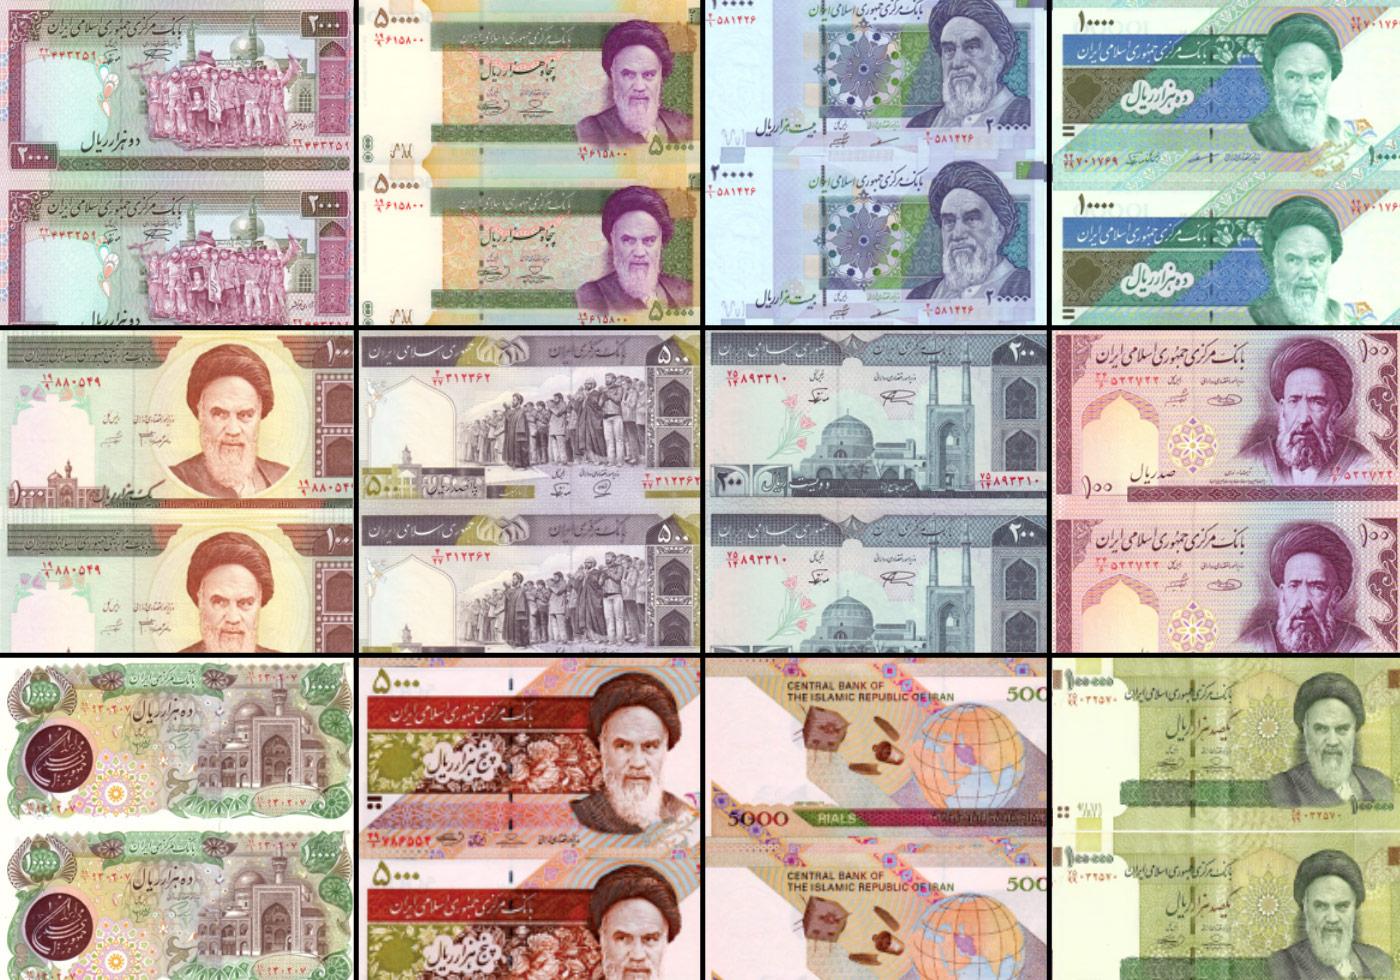 I R Iran Money Free Photoshop Brushes At Brusheezy